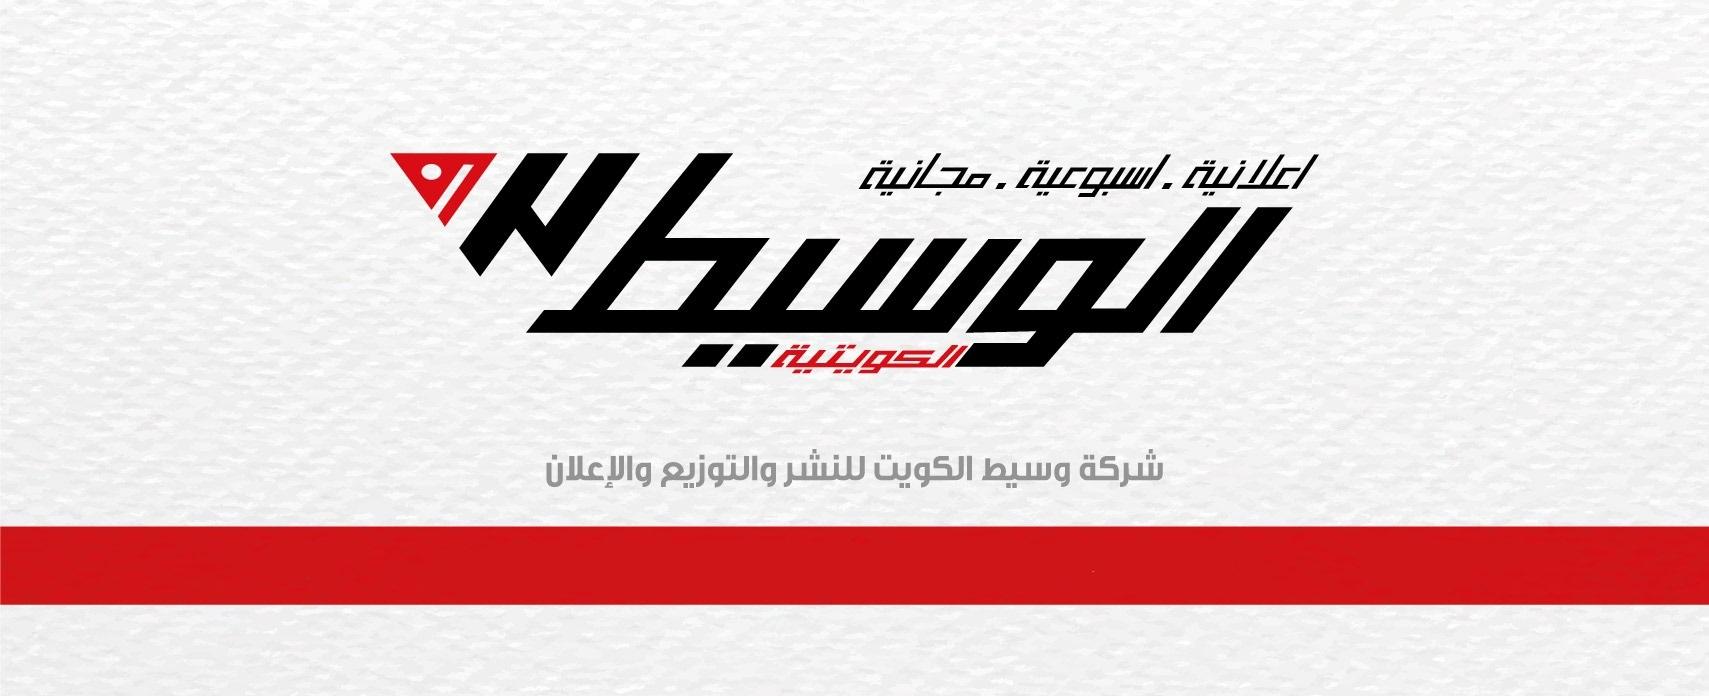 وظائف جريدة الوسيط الكويتية الثلاثاء 13/10/2020 waseet Newspaper jobs in kuwait